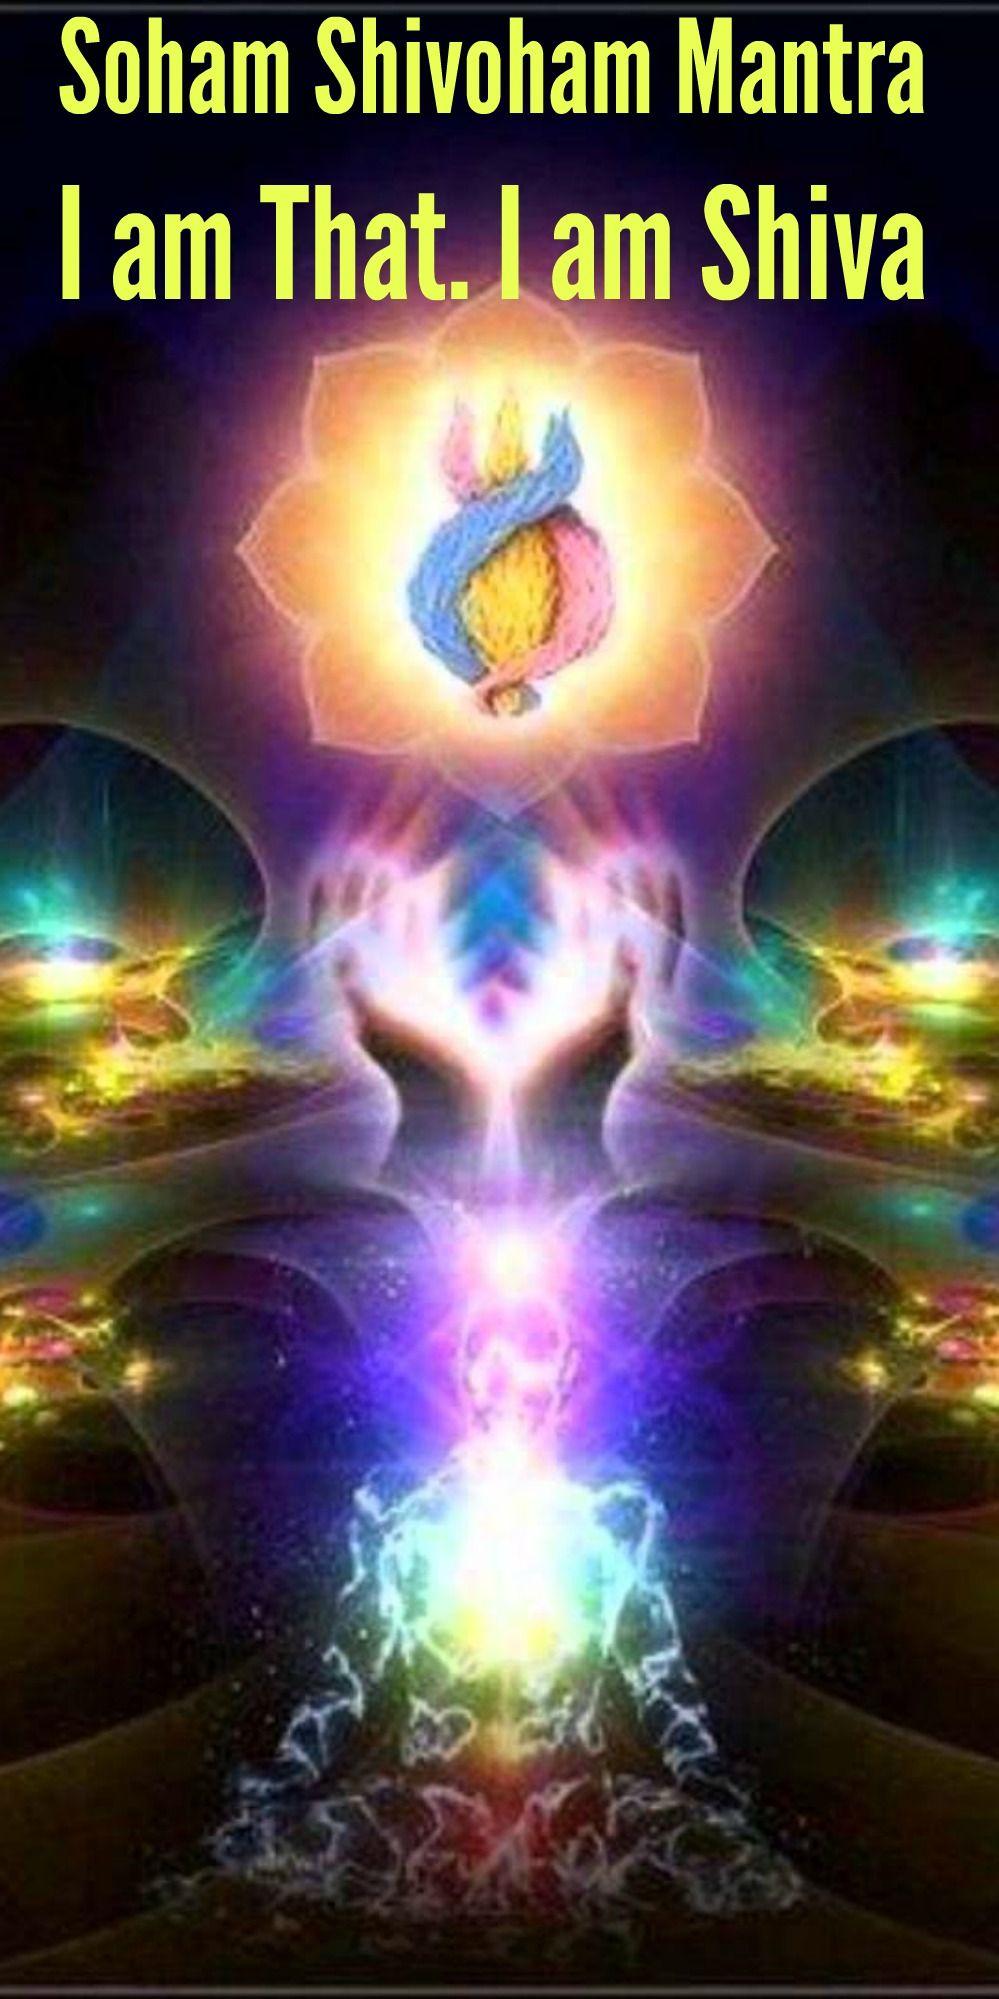 Soham Shivoham Mantra - I am That. I am Shiva ...